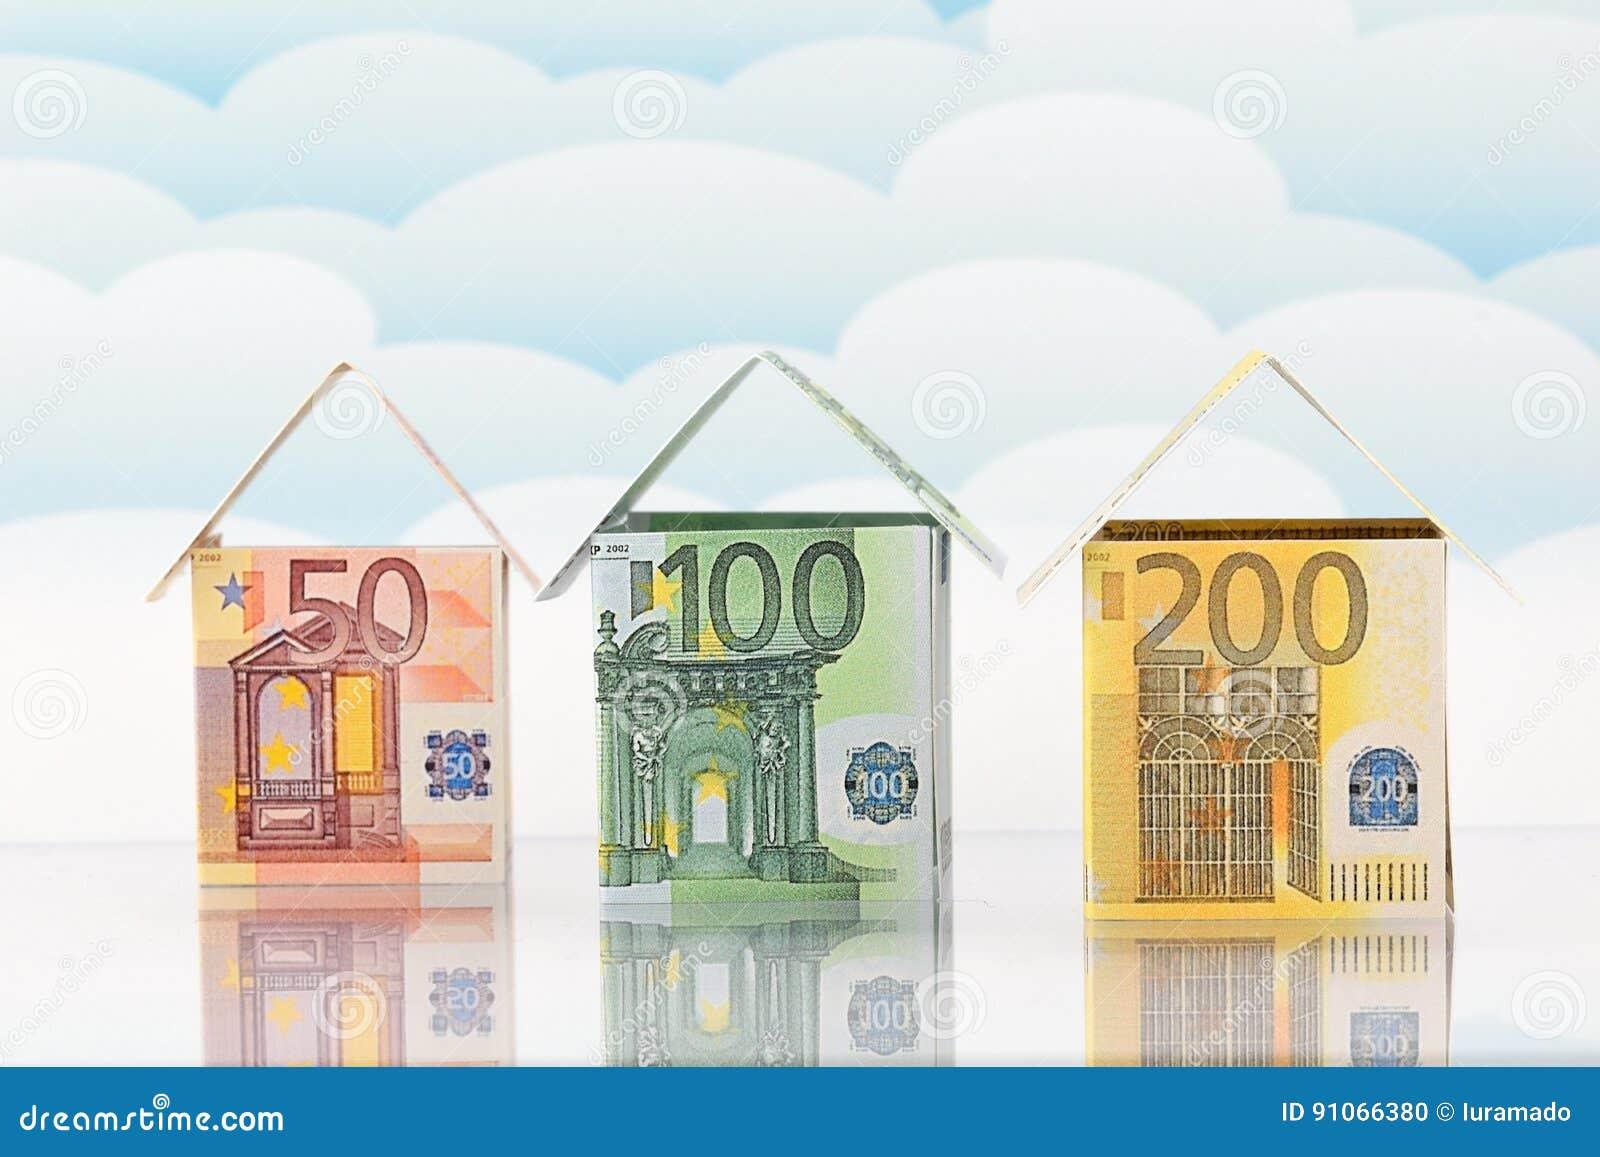 Woningmarkt, een bloeiende toekomst